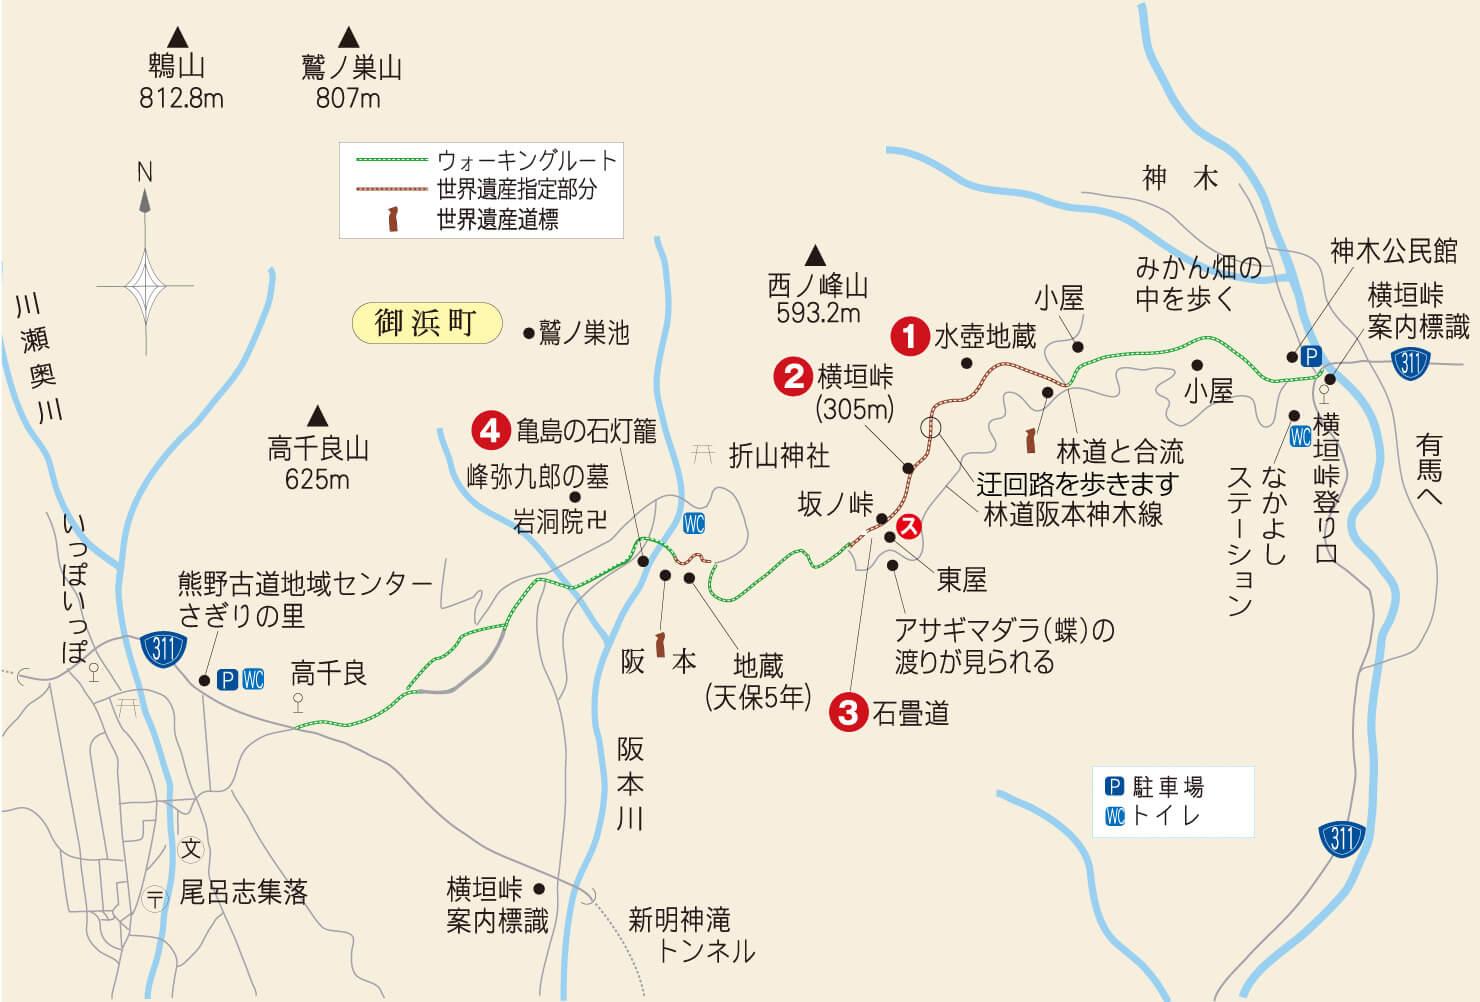 横垣峠道地図